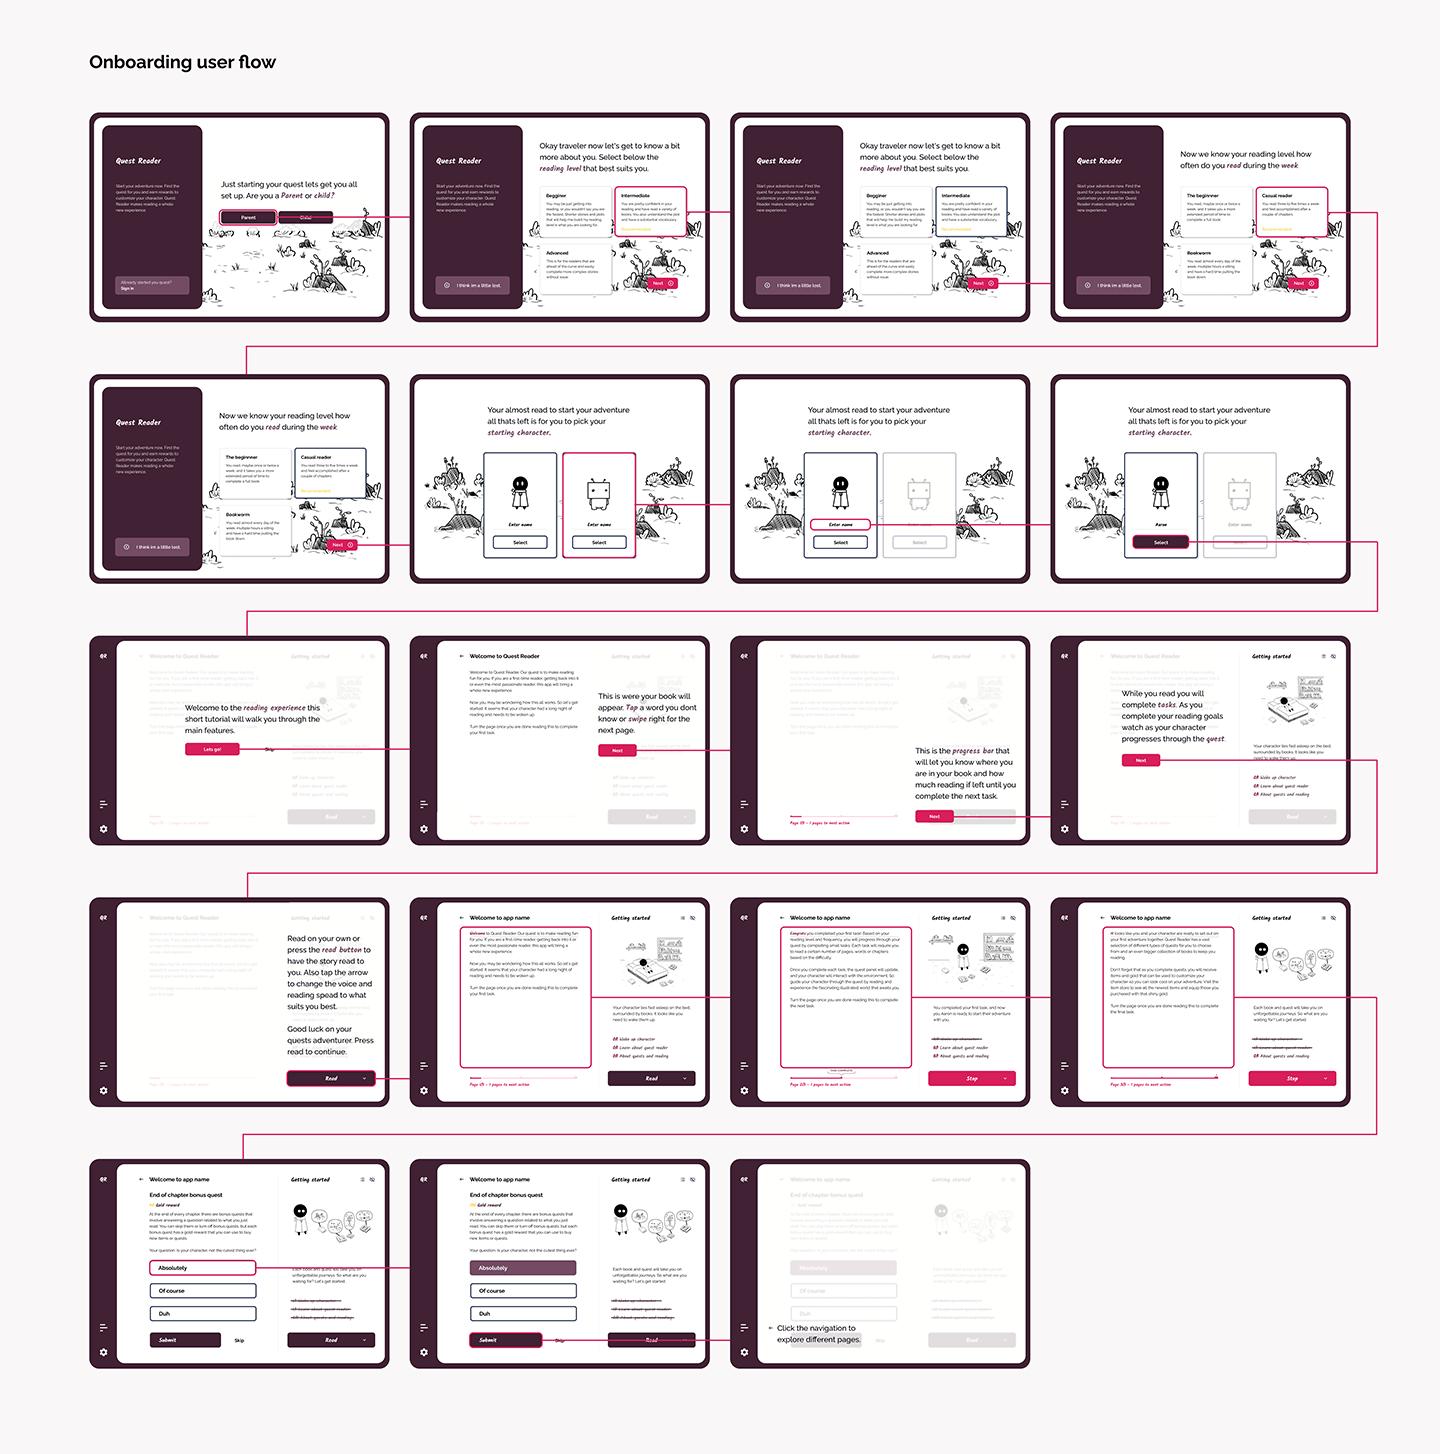 Onboarding user flow layout